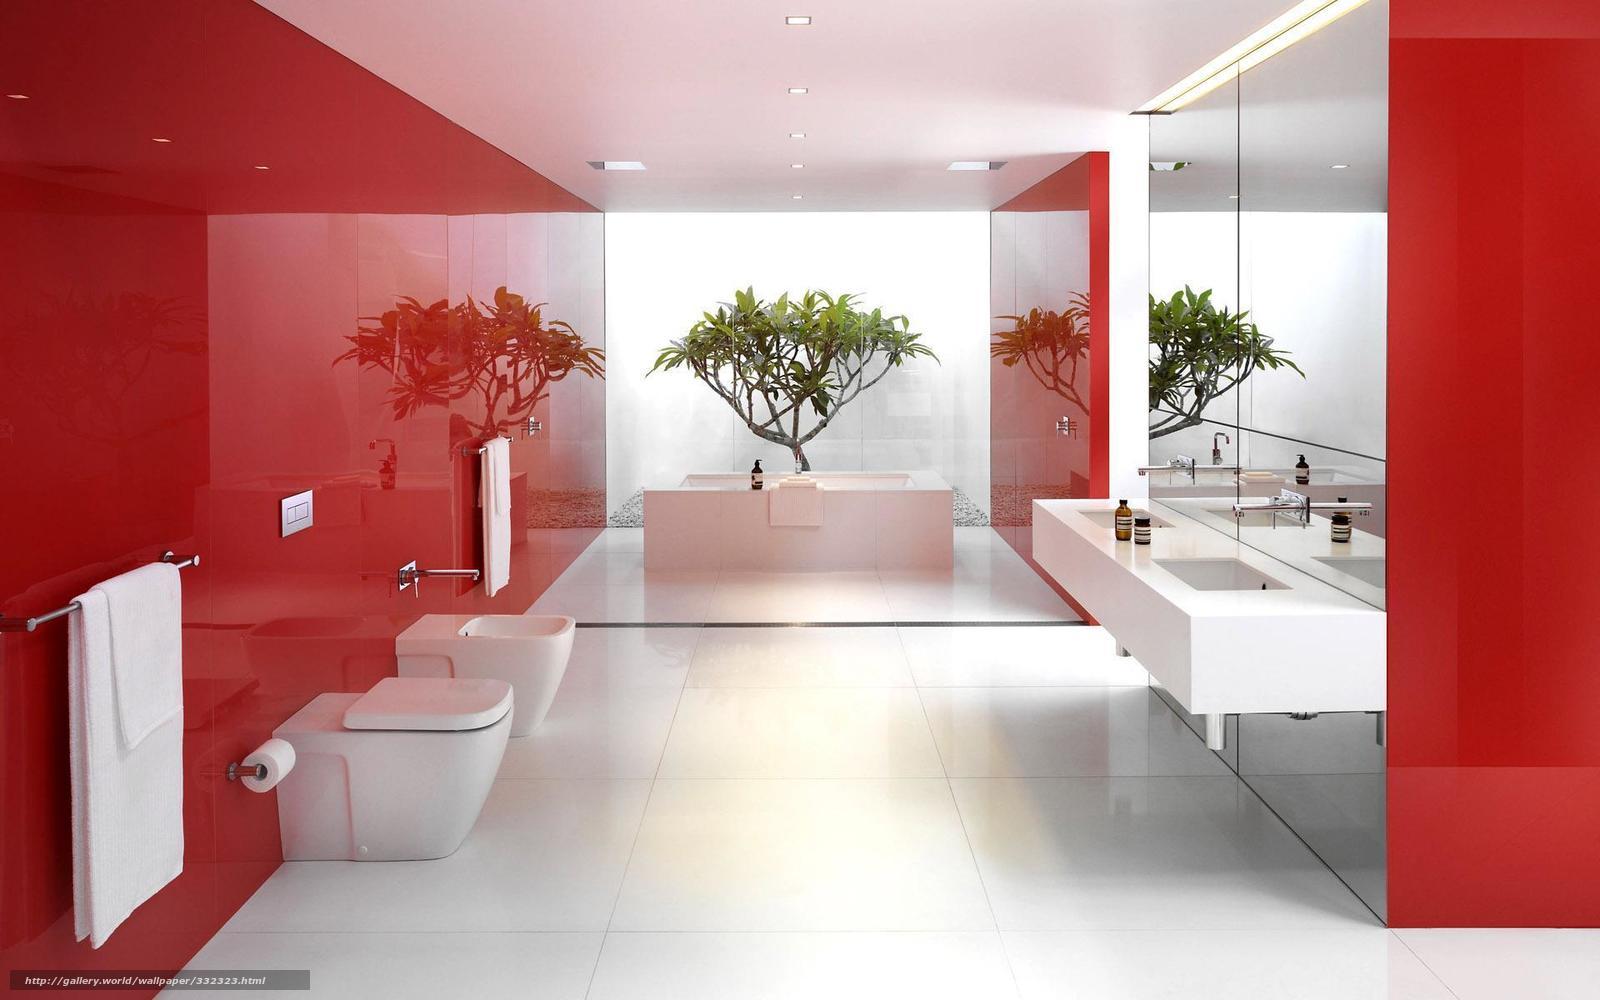 Baixar Wallpaper banheiro vermelho Branco Espelhos Papis de parede  #952020 1600x1000 Baixar Banheiro Para Autocad